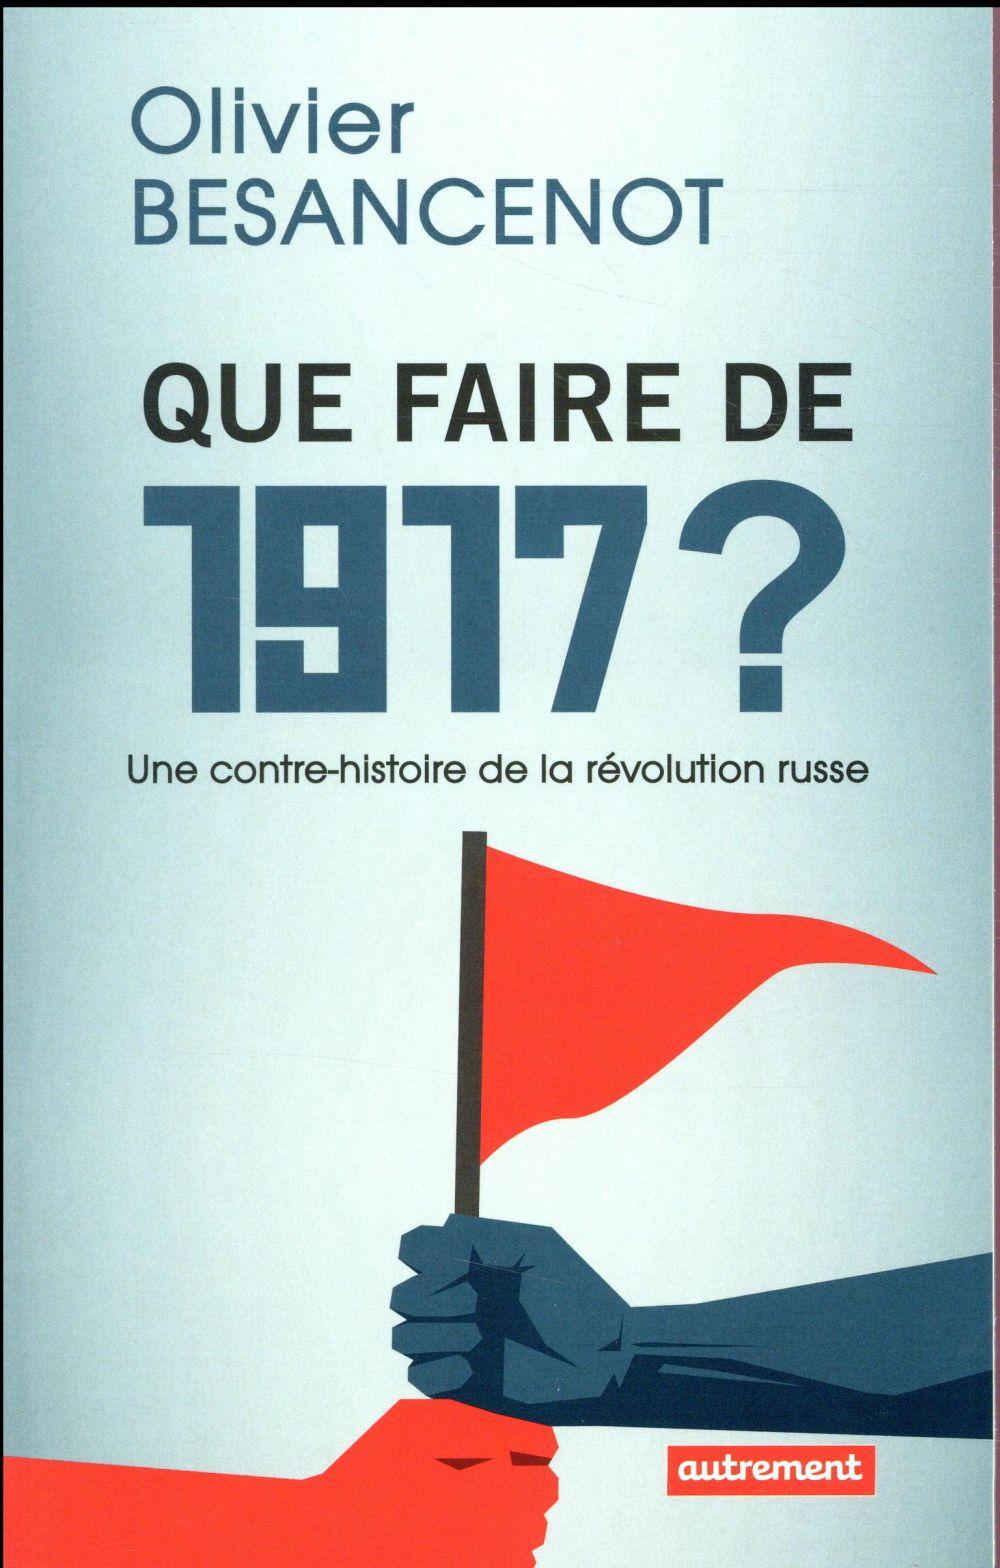 Que faire de 1917 ? une contre-histoire de la révolution russe